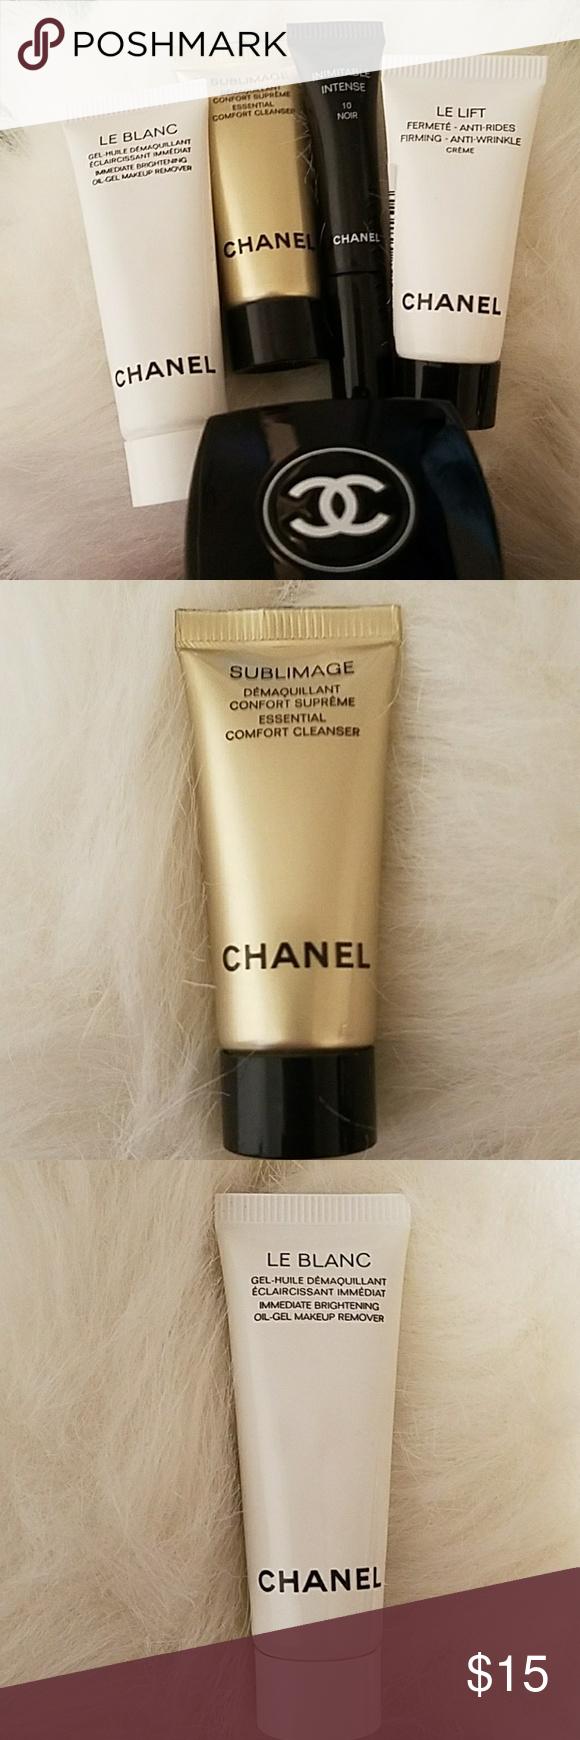 Chanel makeup Chanel makeup, Perfume samples, Mascara